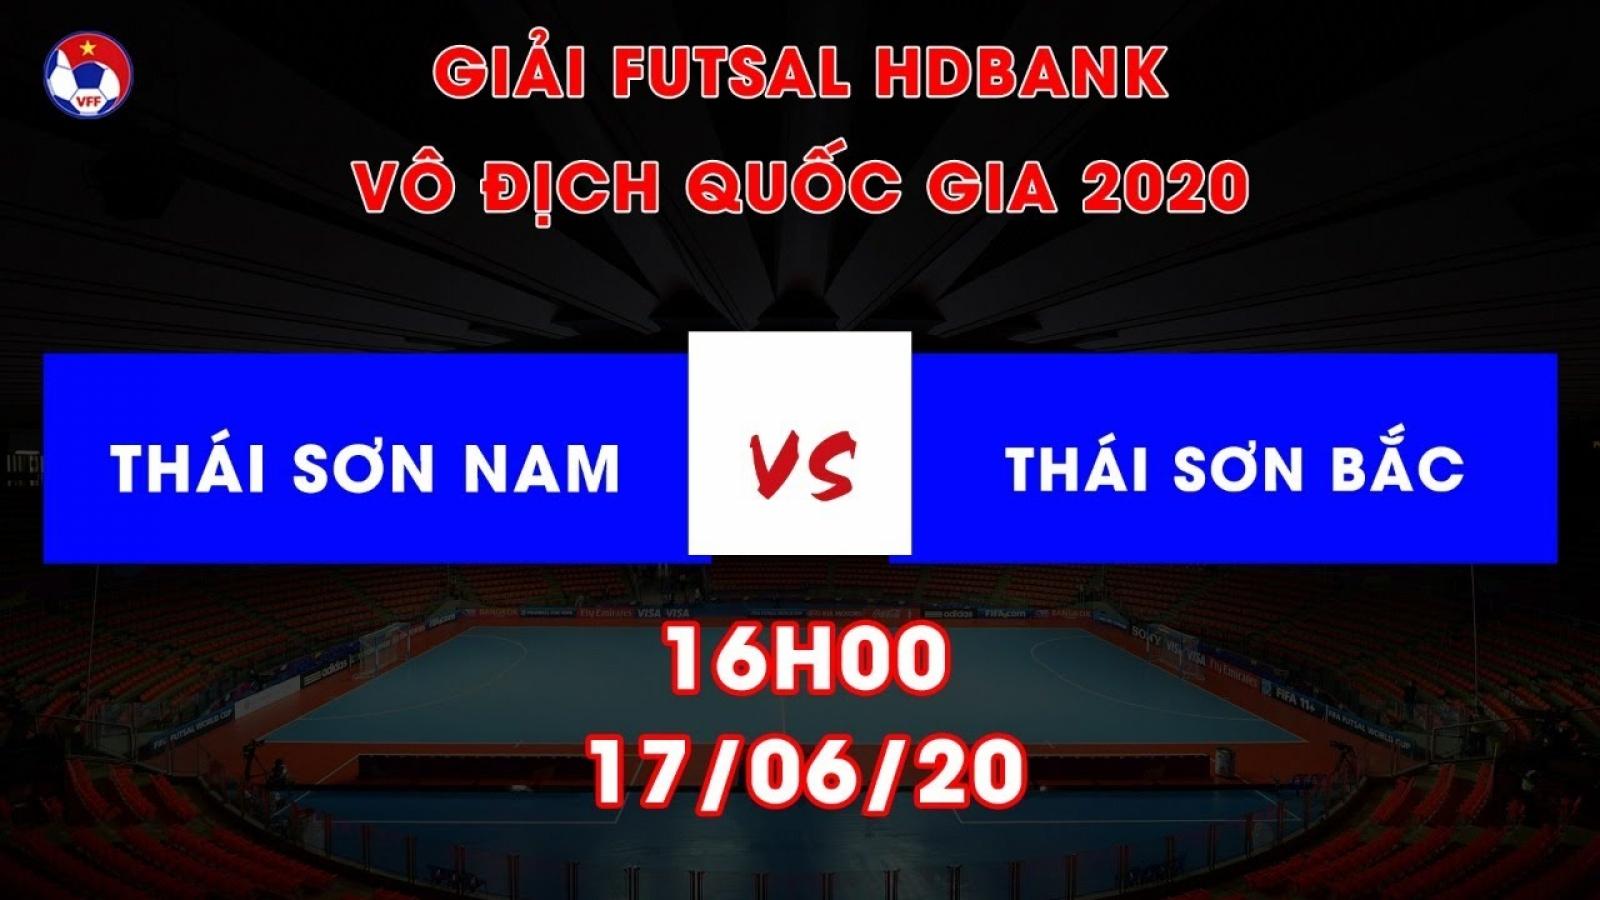 Xem trực tiếp Thái Sơn Nam vs Thái Sơn Bắc Giải Futsal HDBank VĐQG 2020